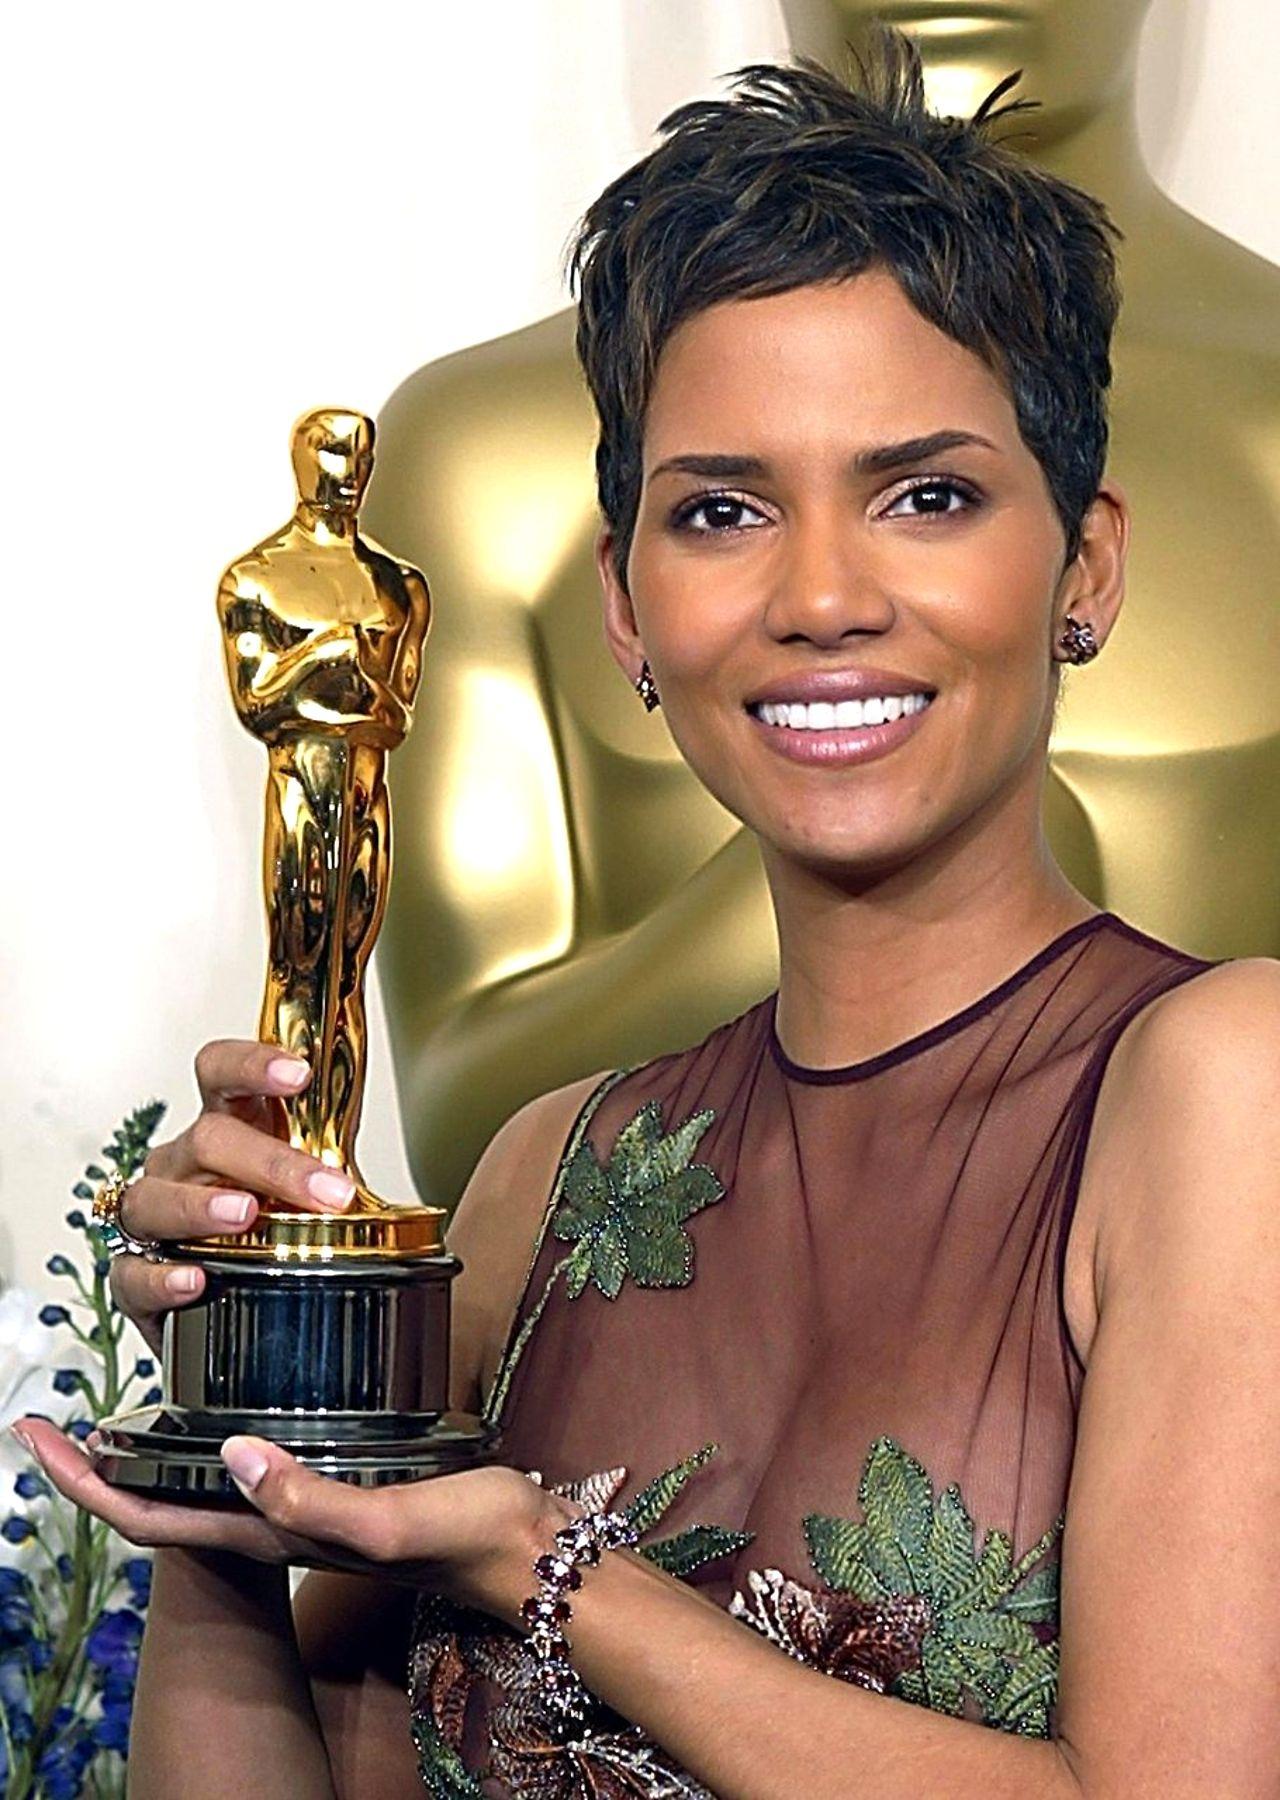 Her er de sorte kvindelige skuespillere, der har vundet en Oscar / Guide